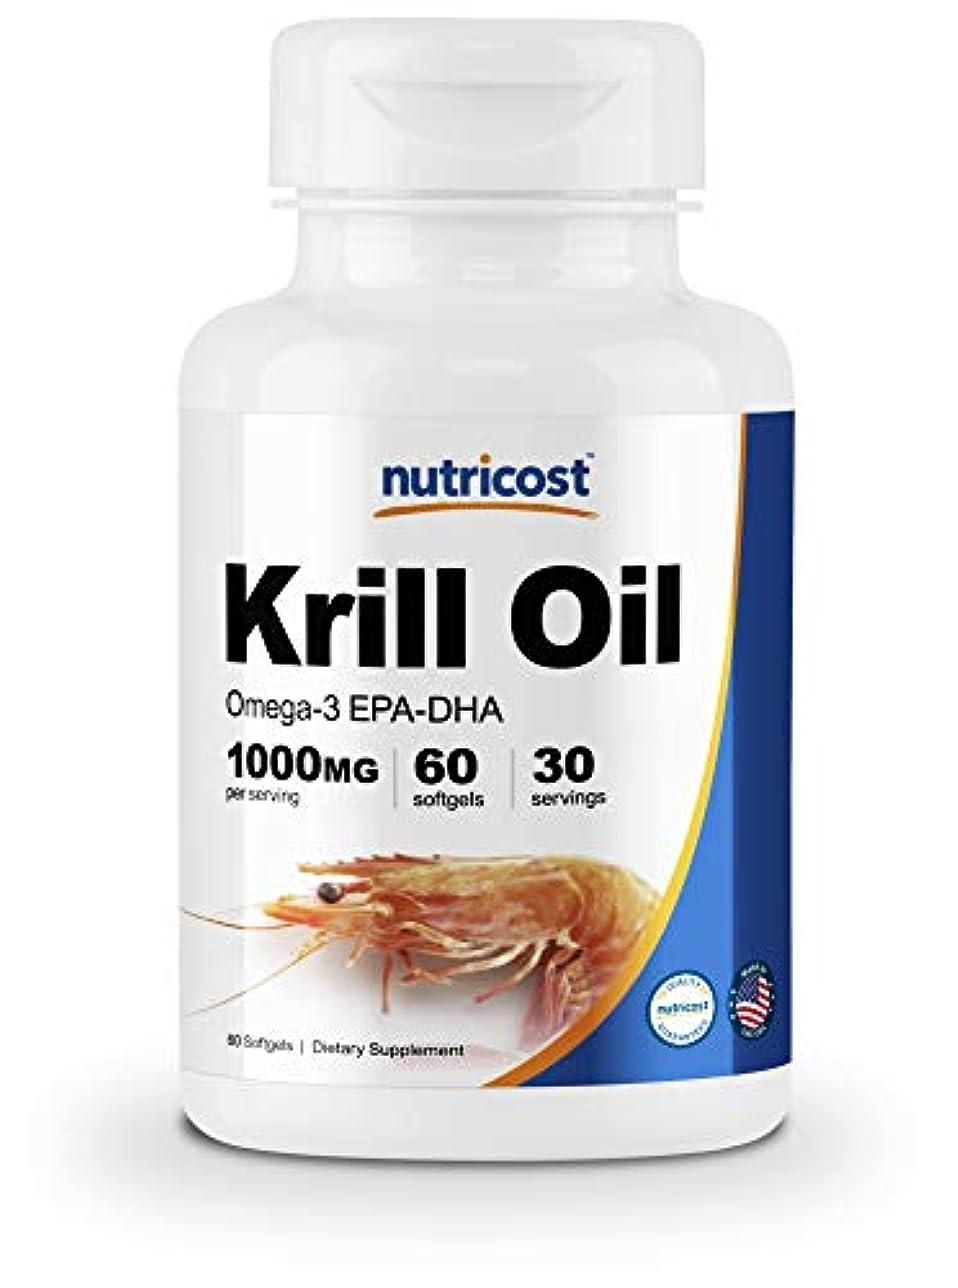 パズルピンポイントパラダイスNutricost オキアミ油ソフトジェル 1000mg, 60 液体ソフトジェル-オメガ 3 EPA-DHA